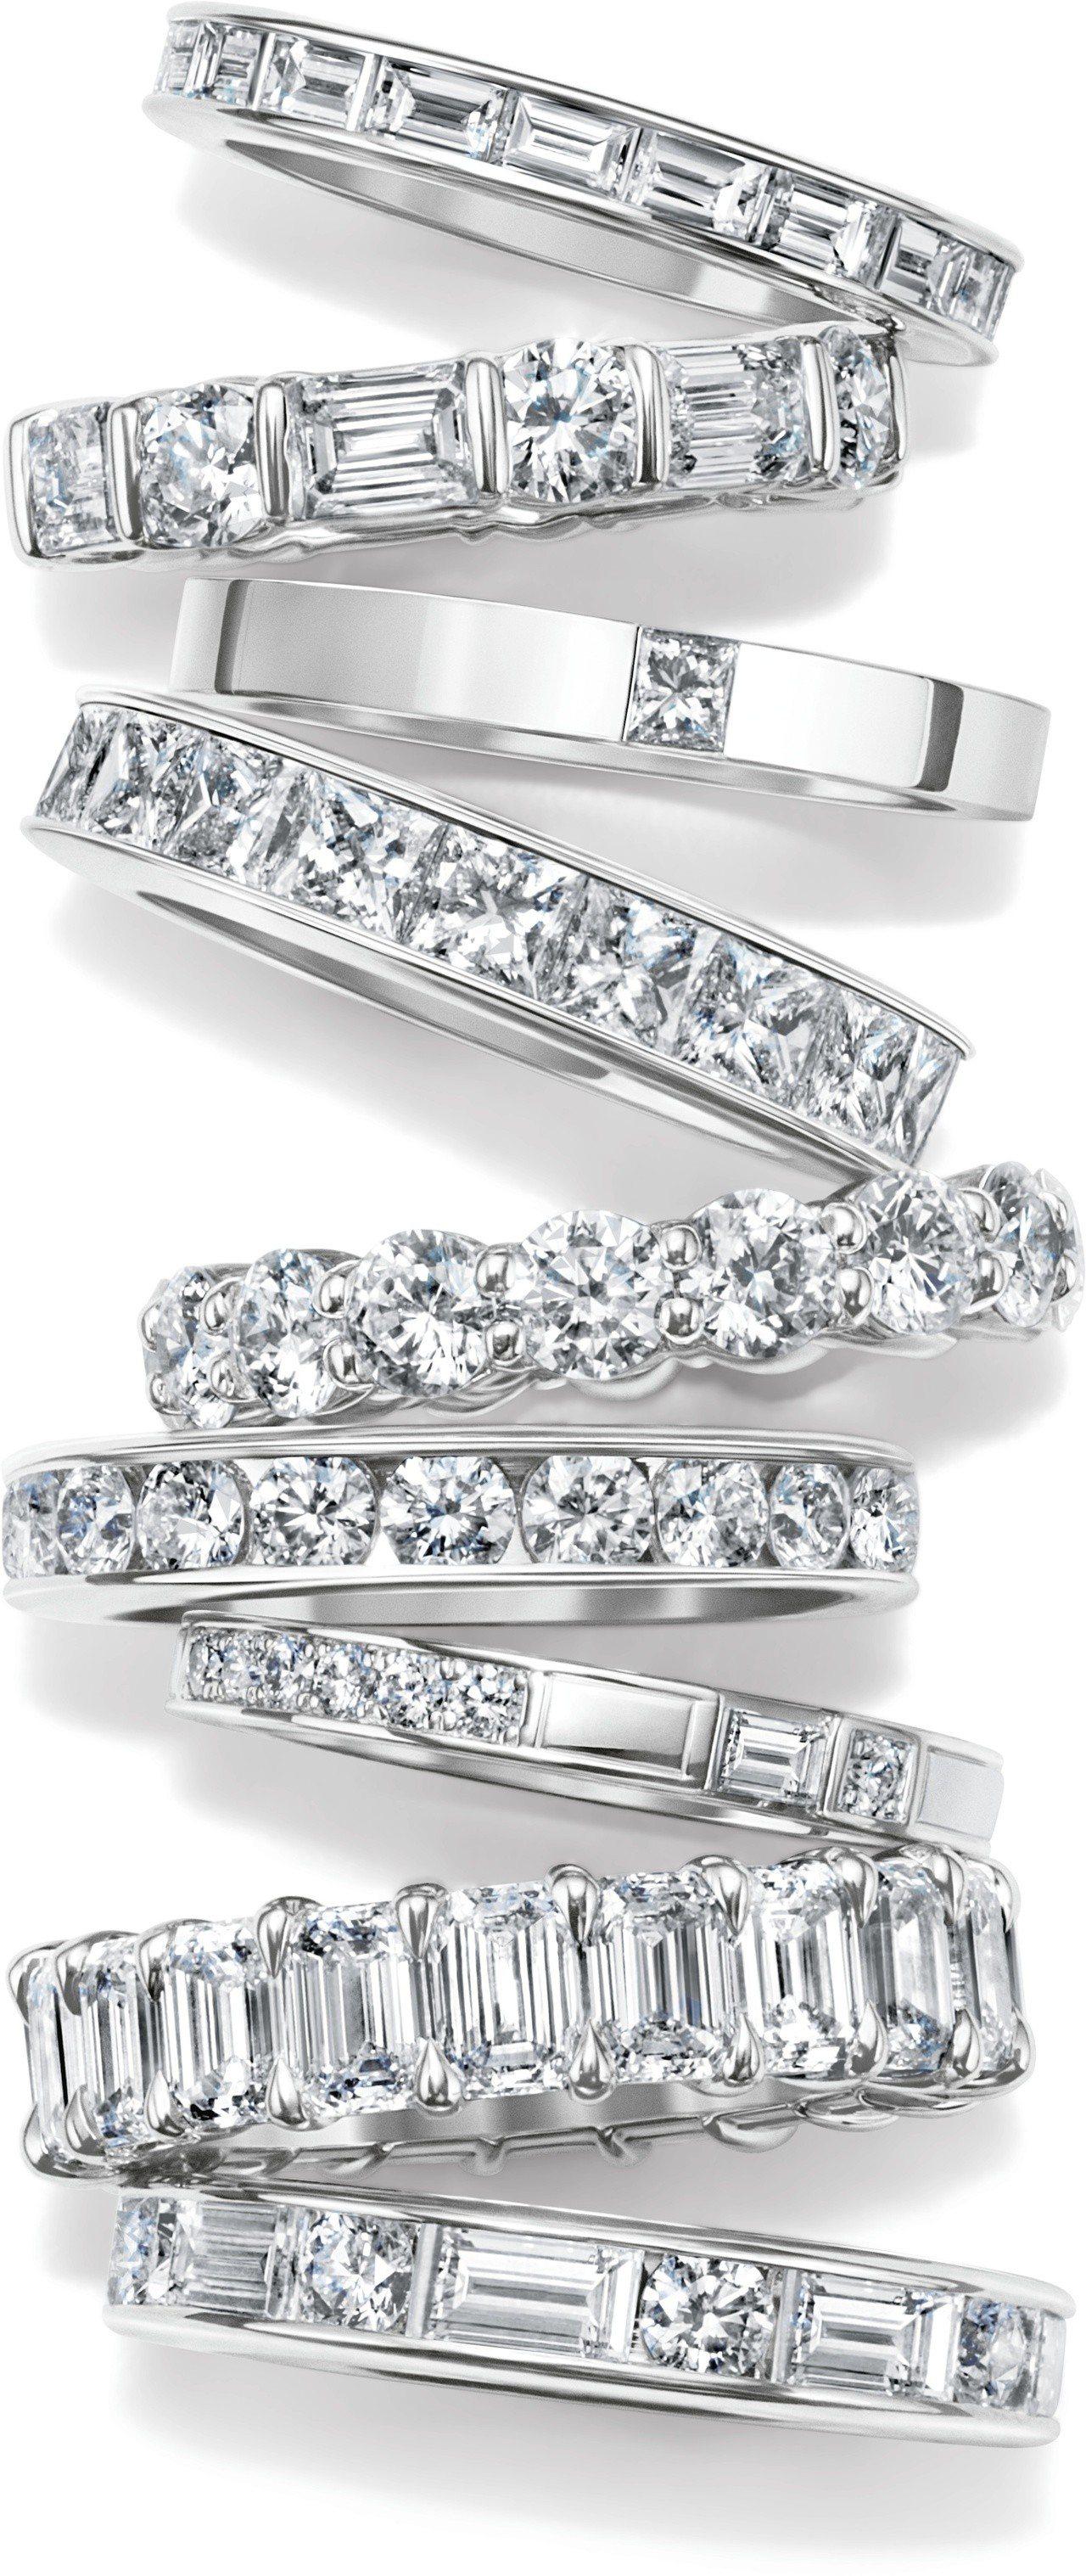 海瑞溫斯頓鑲鑽線戒有不同大小與車工的鑽石可供選擇。圖/海瑞溫斯頓提供